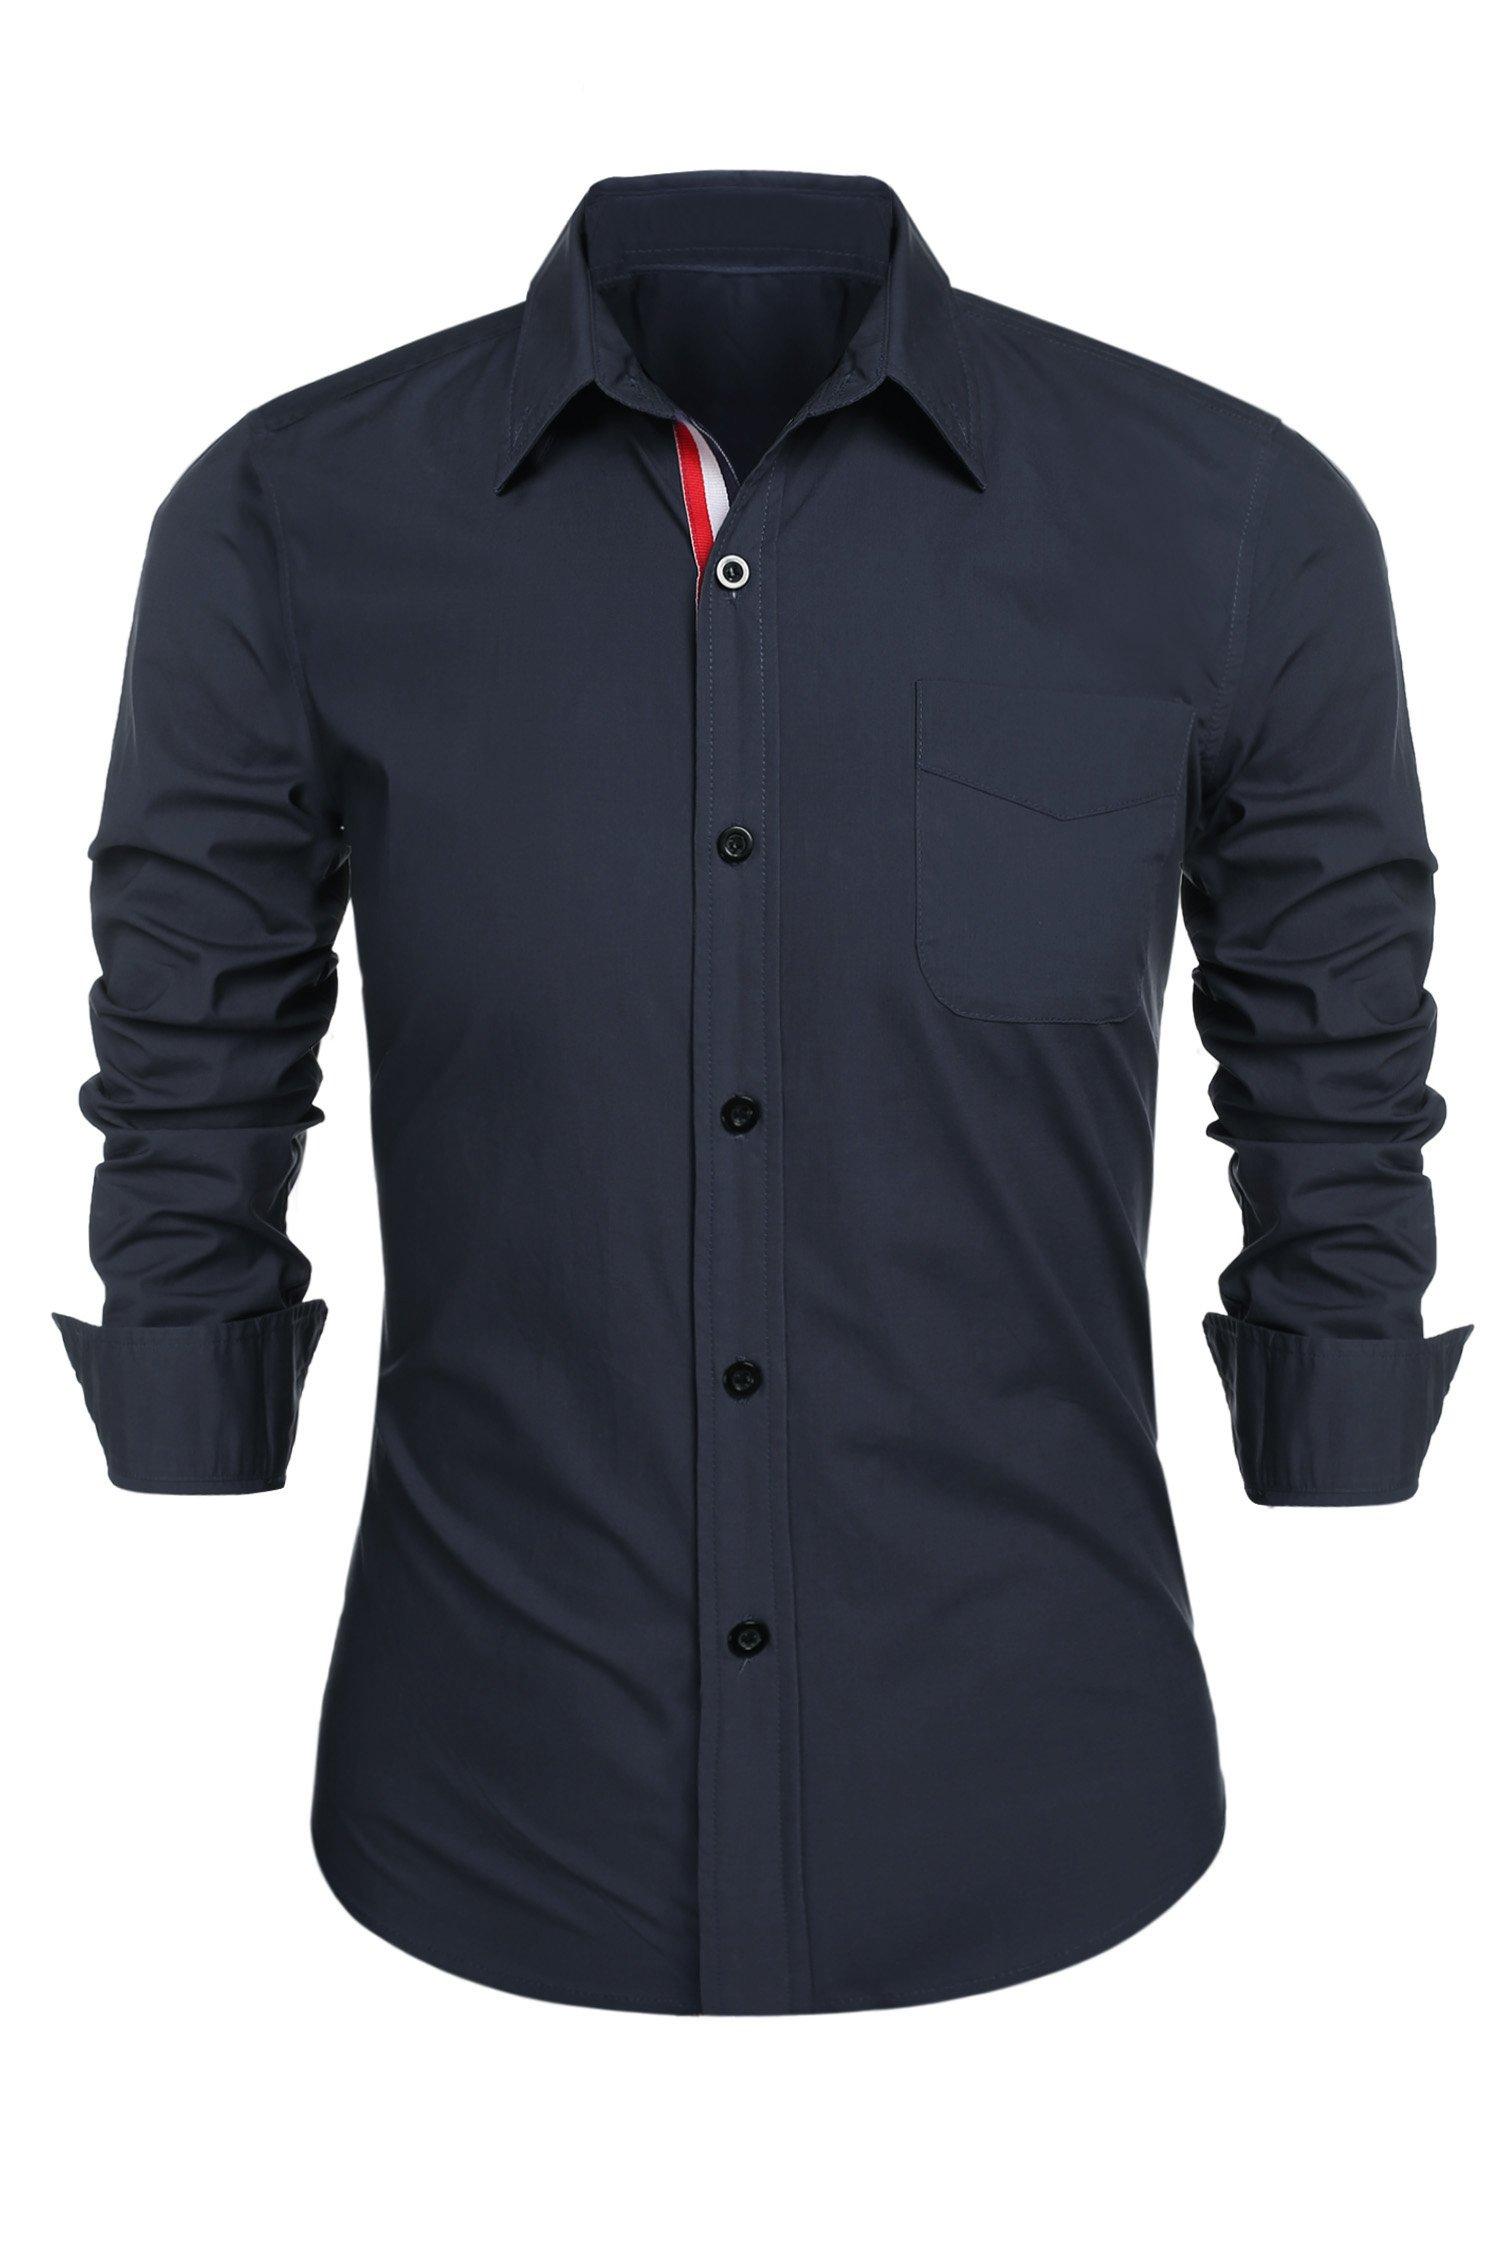 Detailorpin Men's Business Dress Shirt Slim Fit Contrast Button Down Long Sleeve Shirt